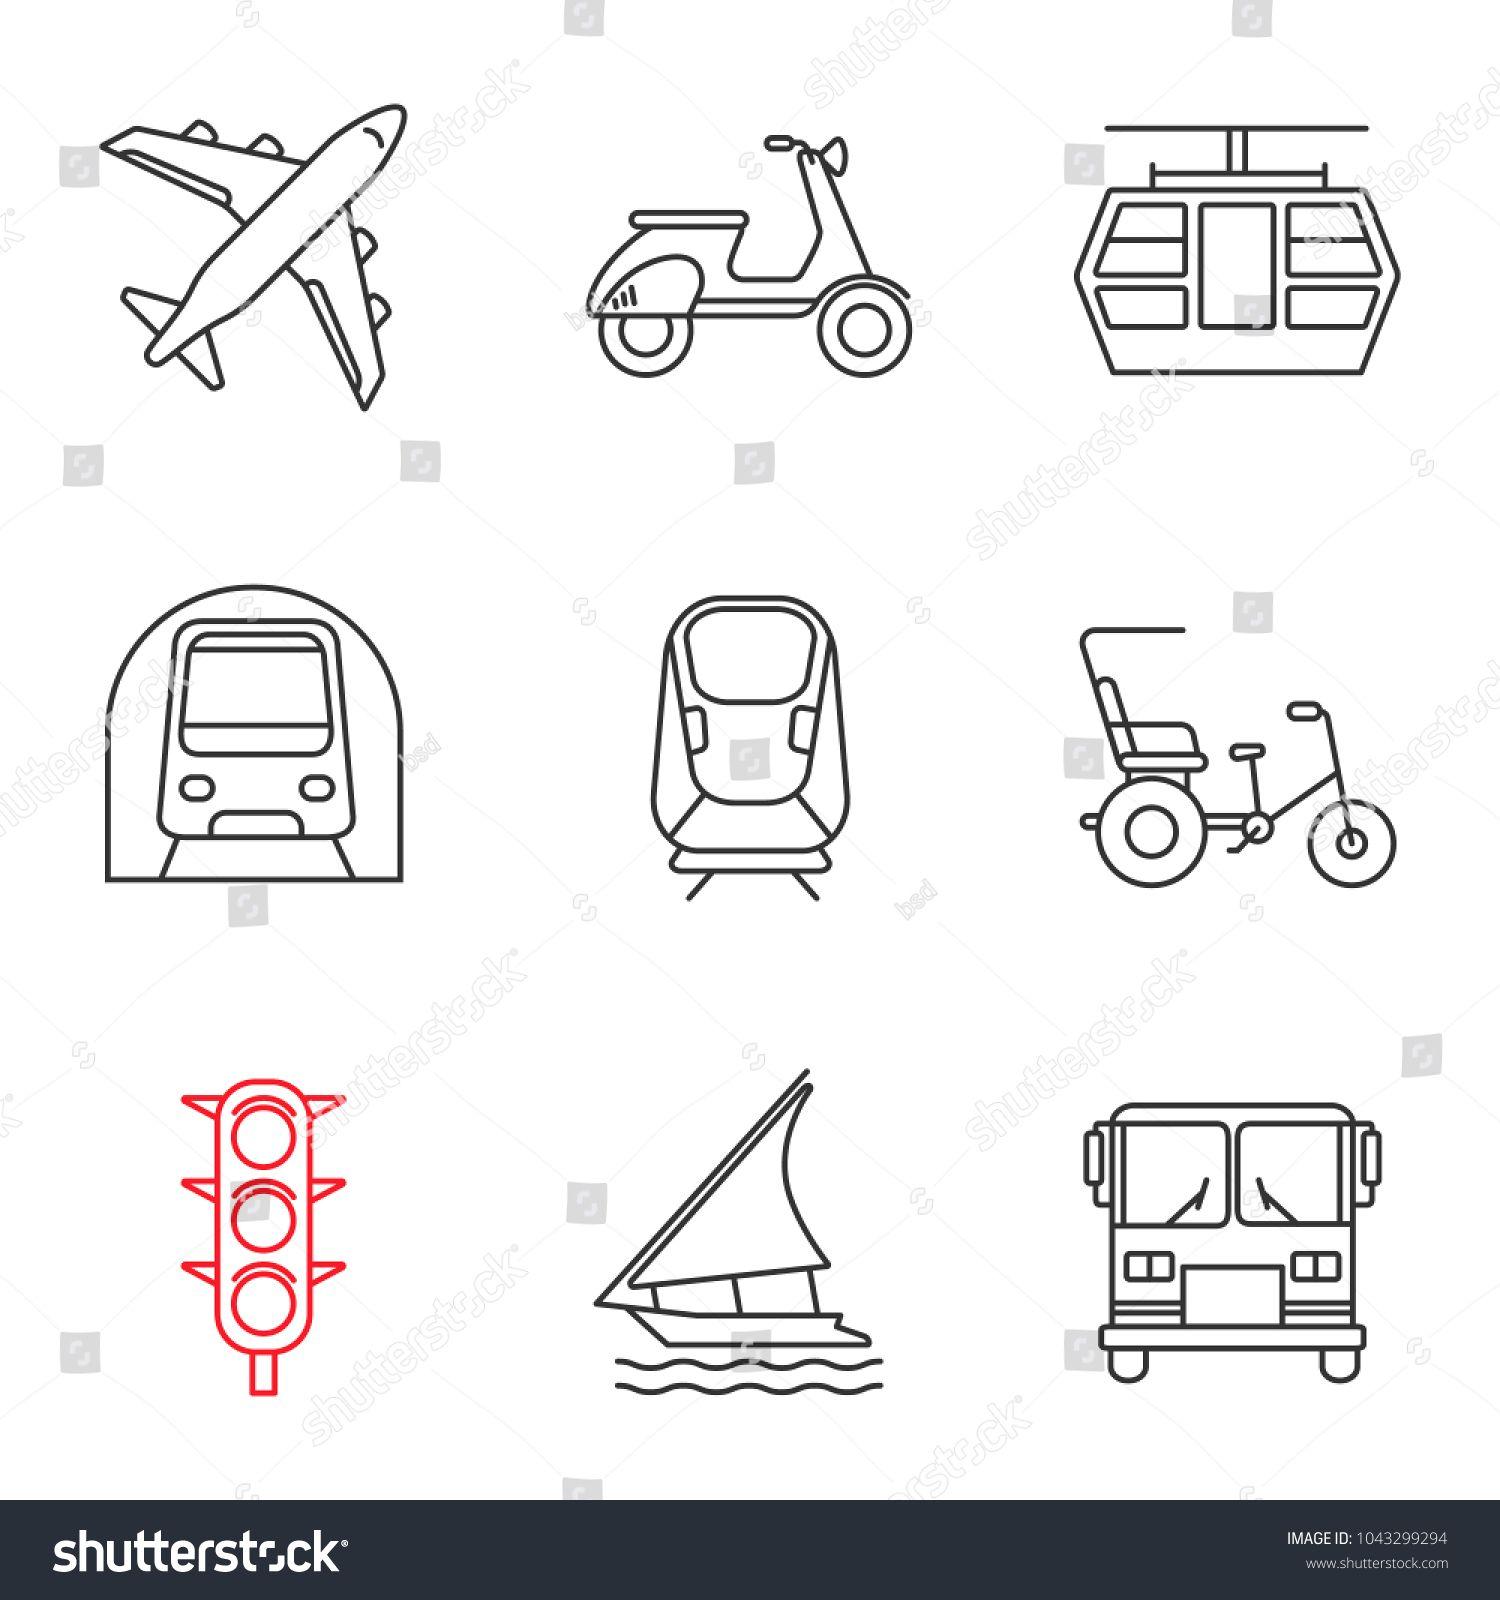 Public transport linear icons set. Thin line contour